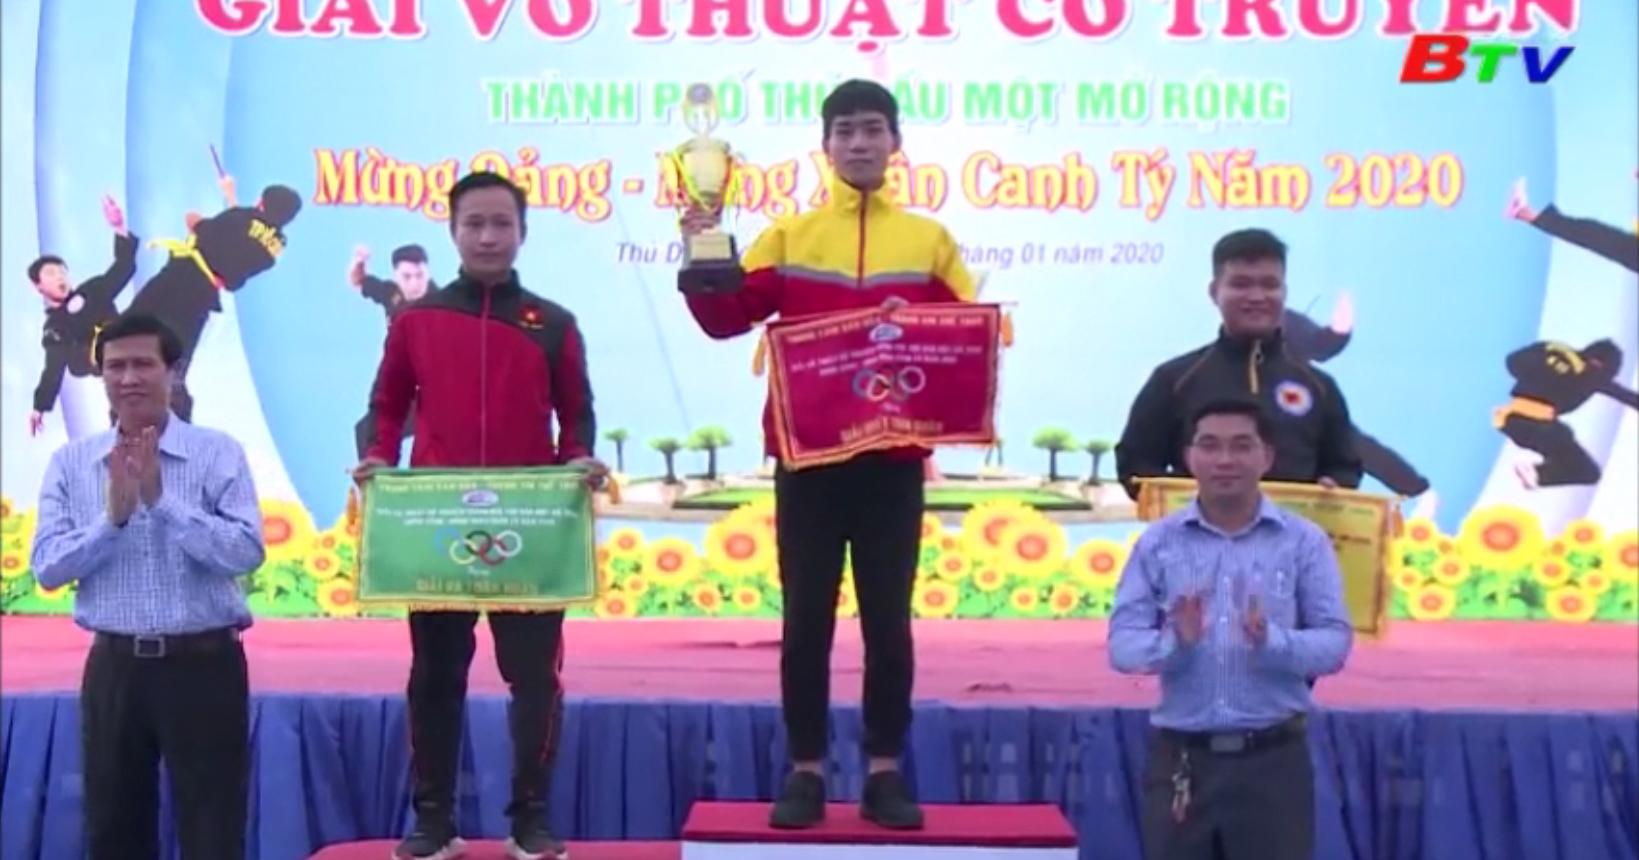 Giải võ thuật cổ truyền TP. Thủ Dầu Một mở rộng Mừng Đảng, Mừng Xuân 2020 – TP.TDM nhất toàn đoàn